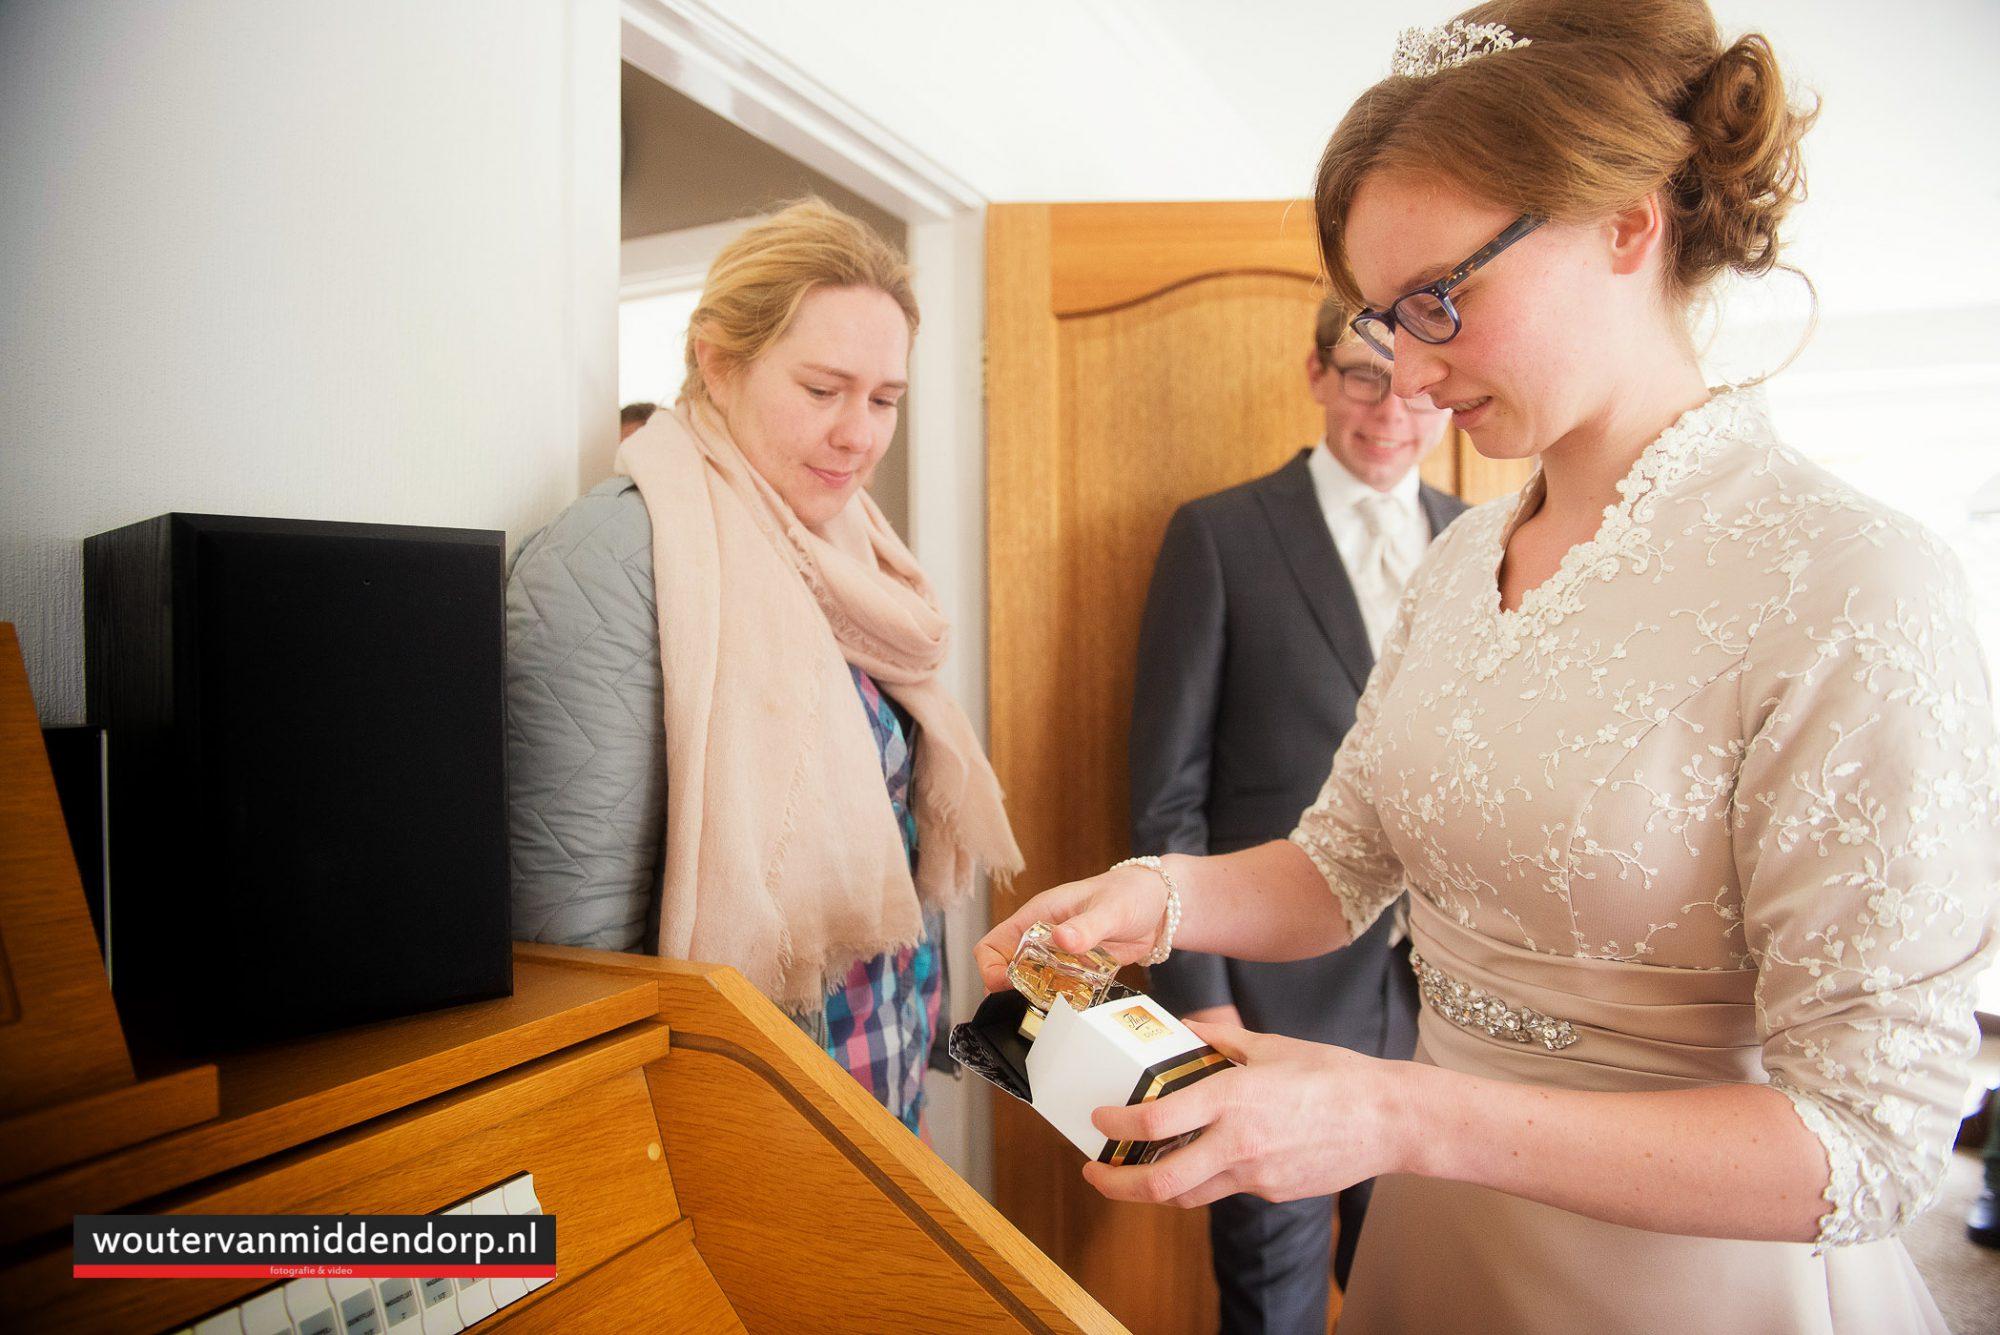 bruidsfotografie-wouter-van-middendorp-veenendaal-uddel-14